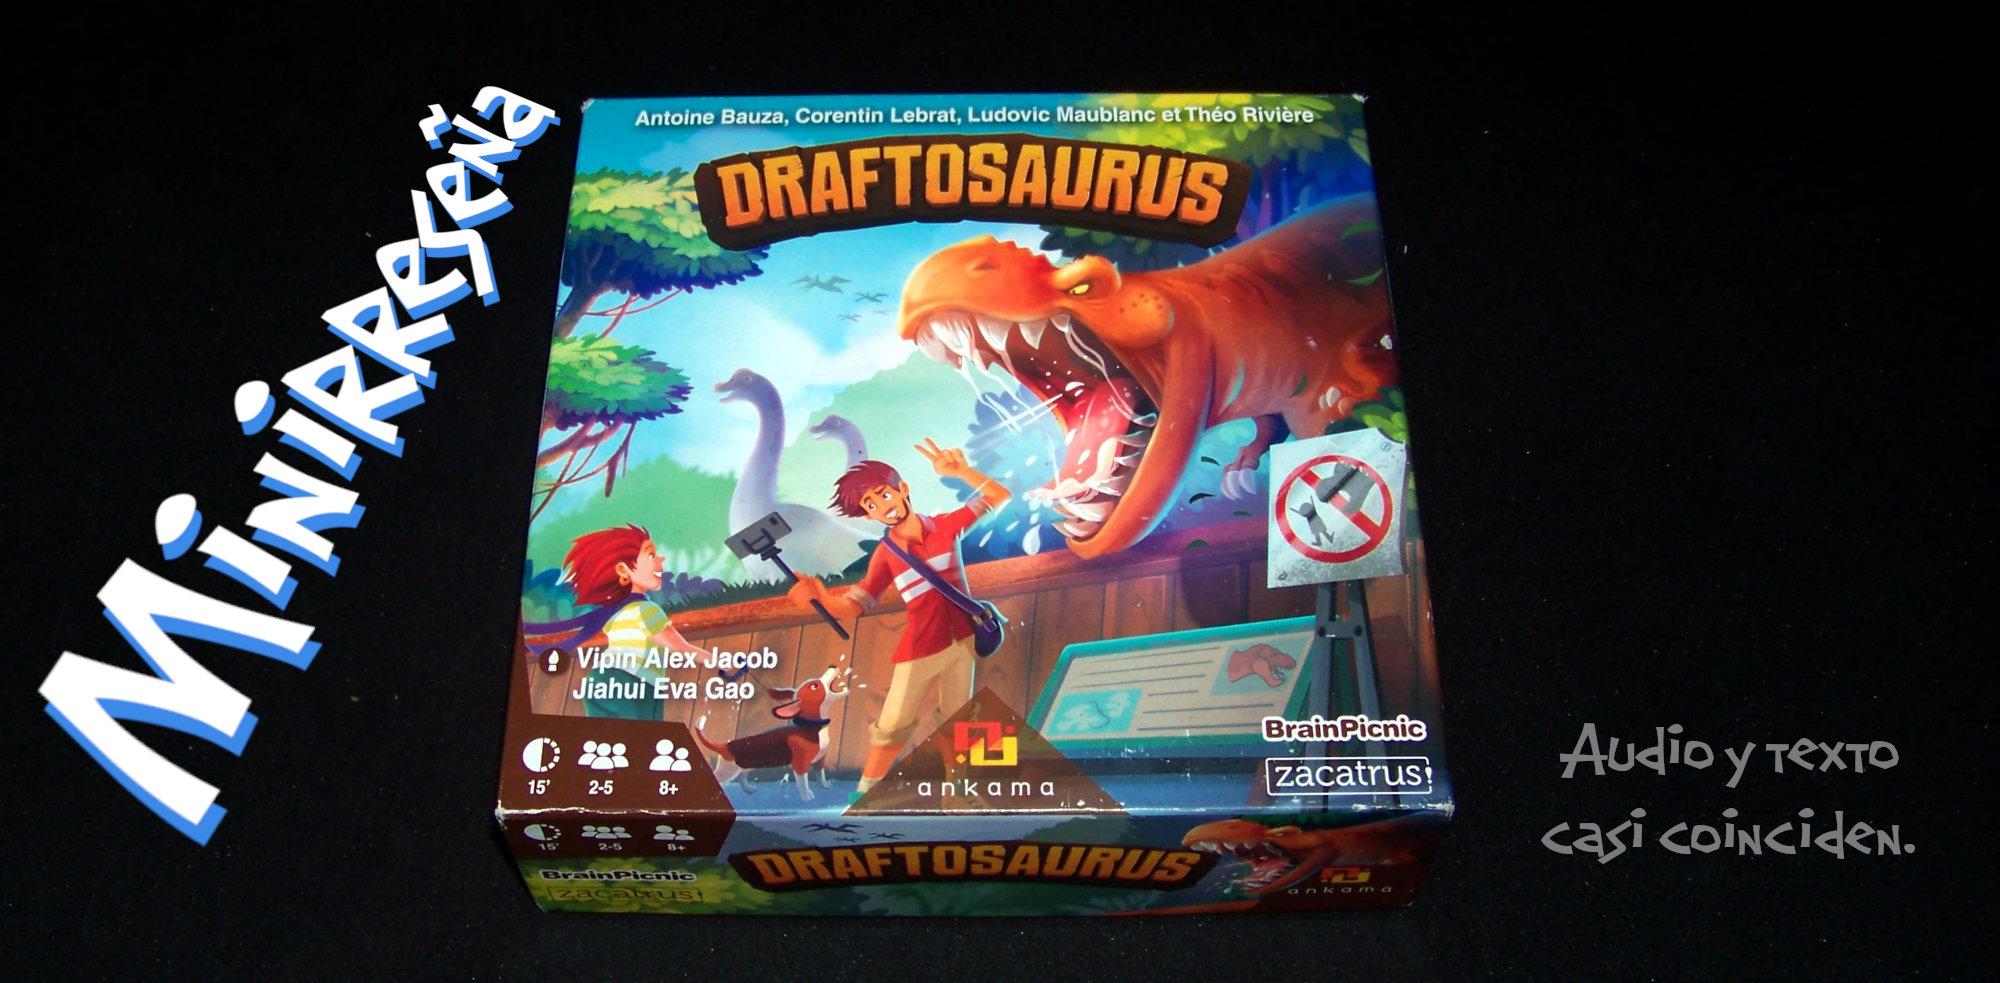 Juego de mesa Draftosaurus - Título y carátula